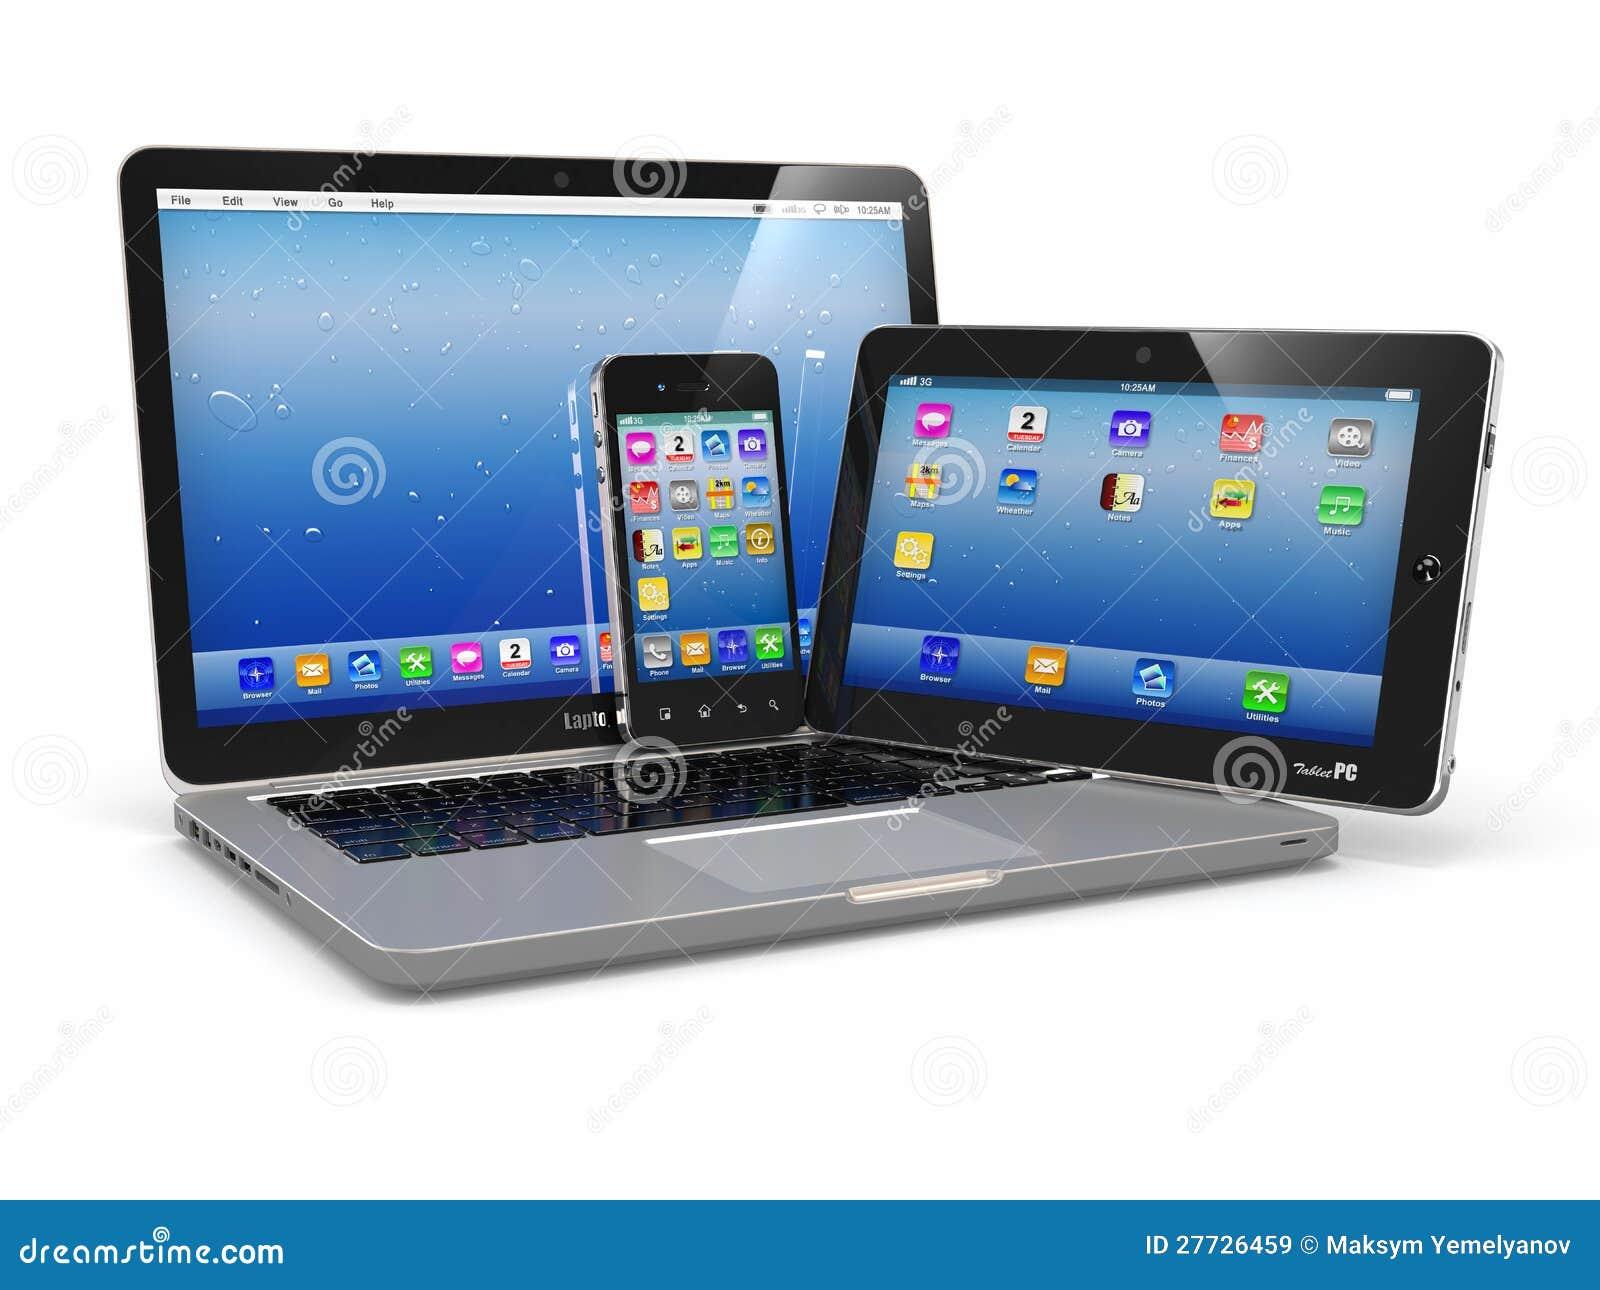 Laptop-, Telefon- und Tablette-PC. Elektronische Geräte